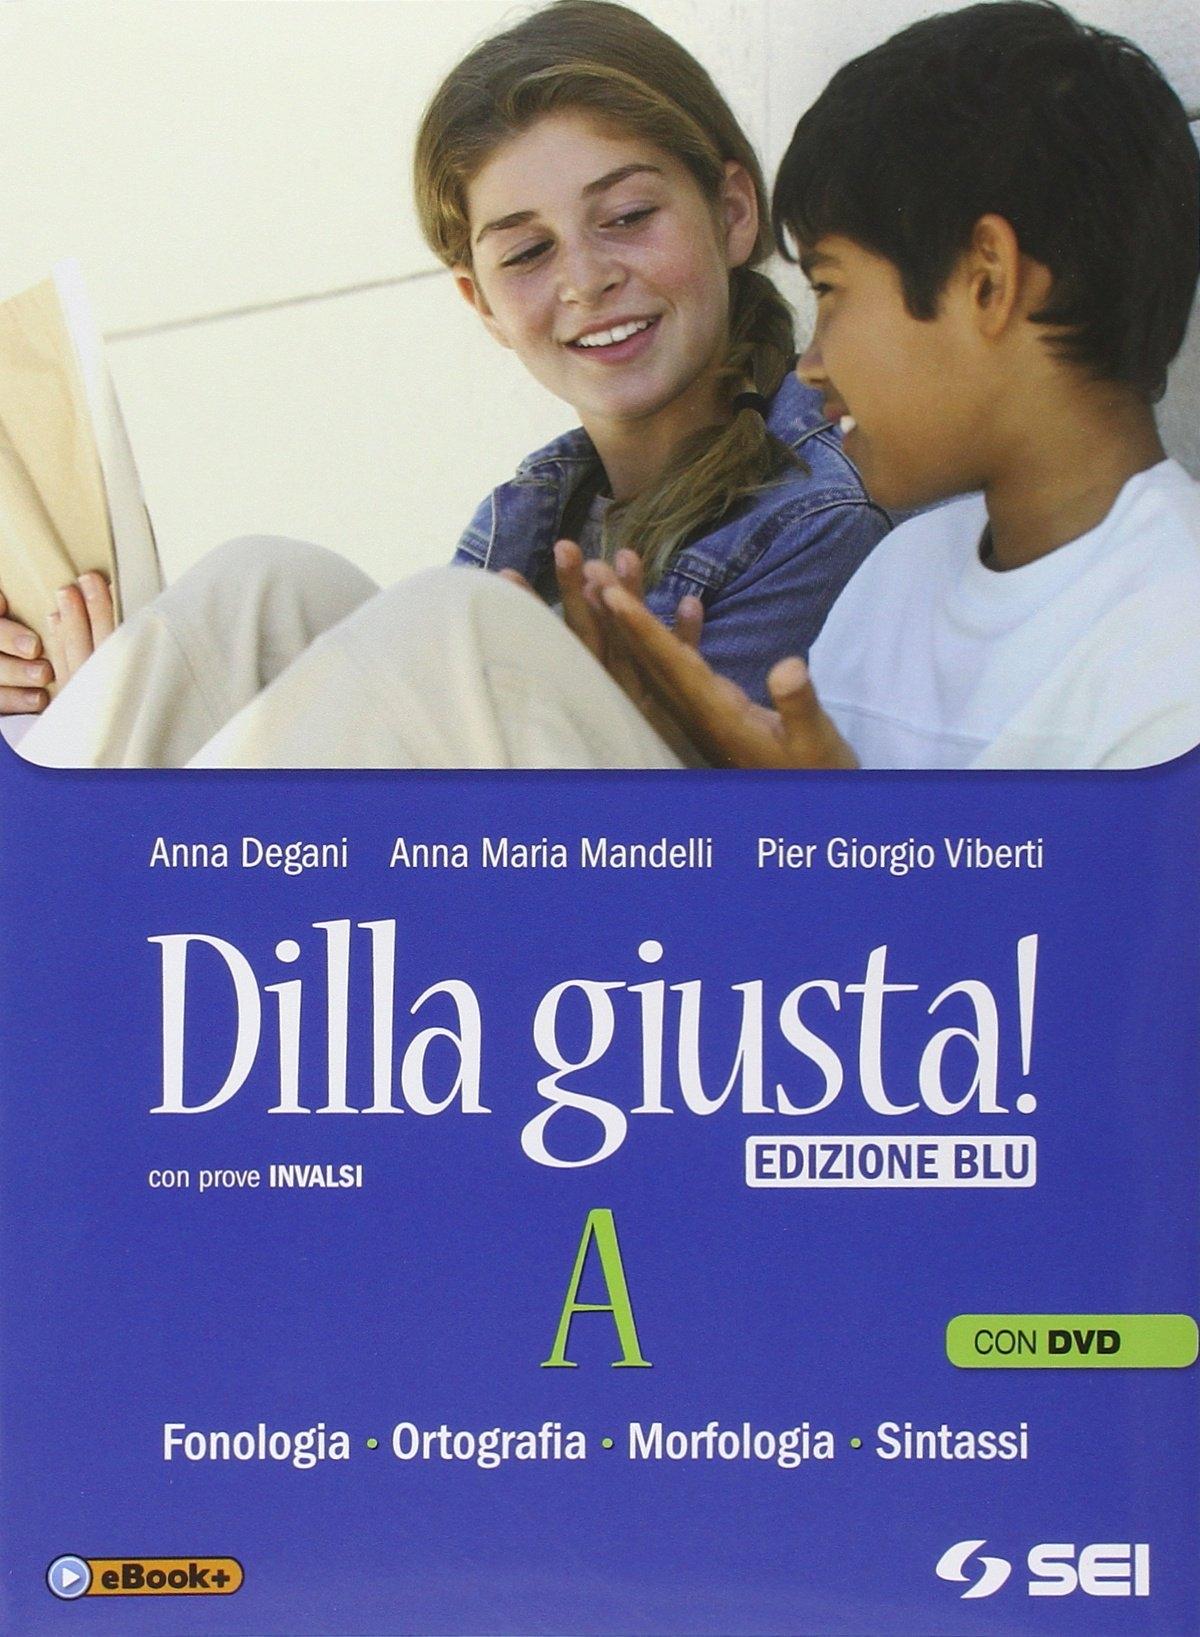 Dilla giusta! Vol. AQTest d'ingressoSchemi di sintesi e ripasso. Ediz. blu. Con DVD. Per la Scuola media